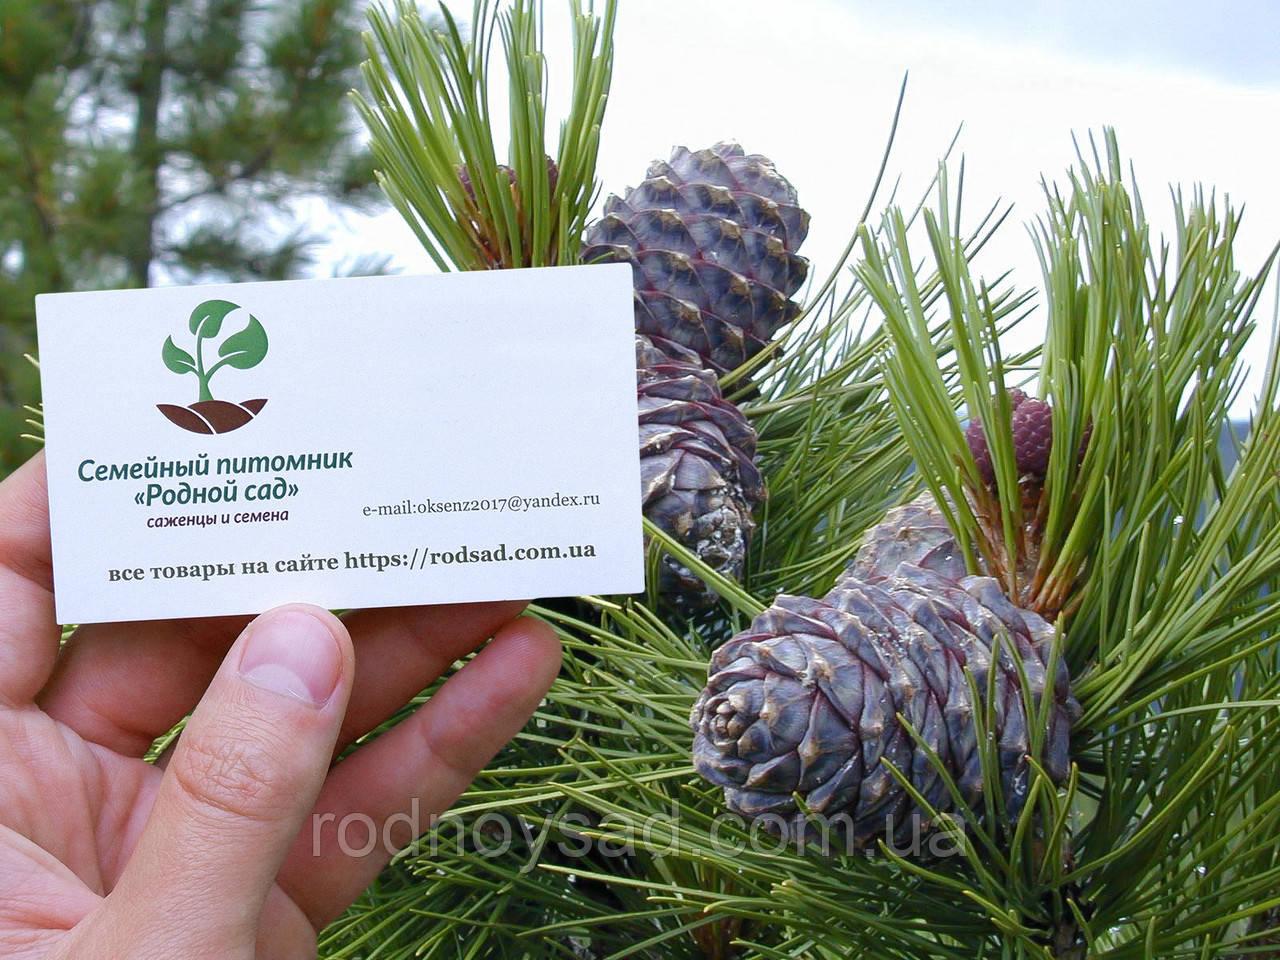 Кедр сибирский семена (20 штук) (сосна кедровая) для выращивания саженцев + инструкции + подарок